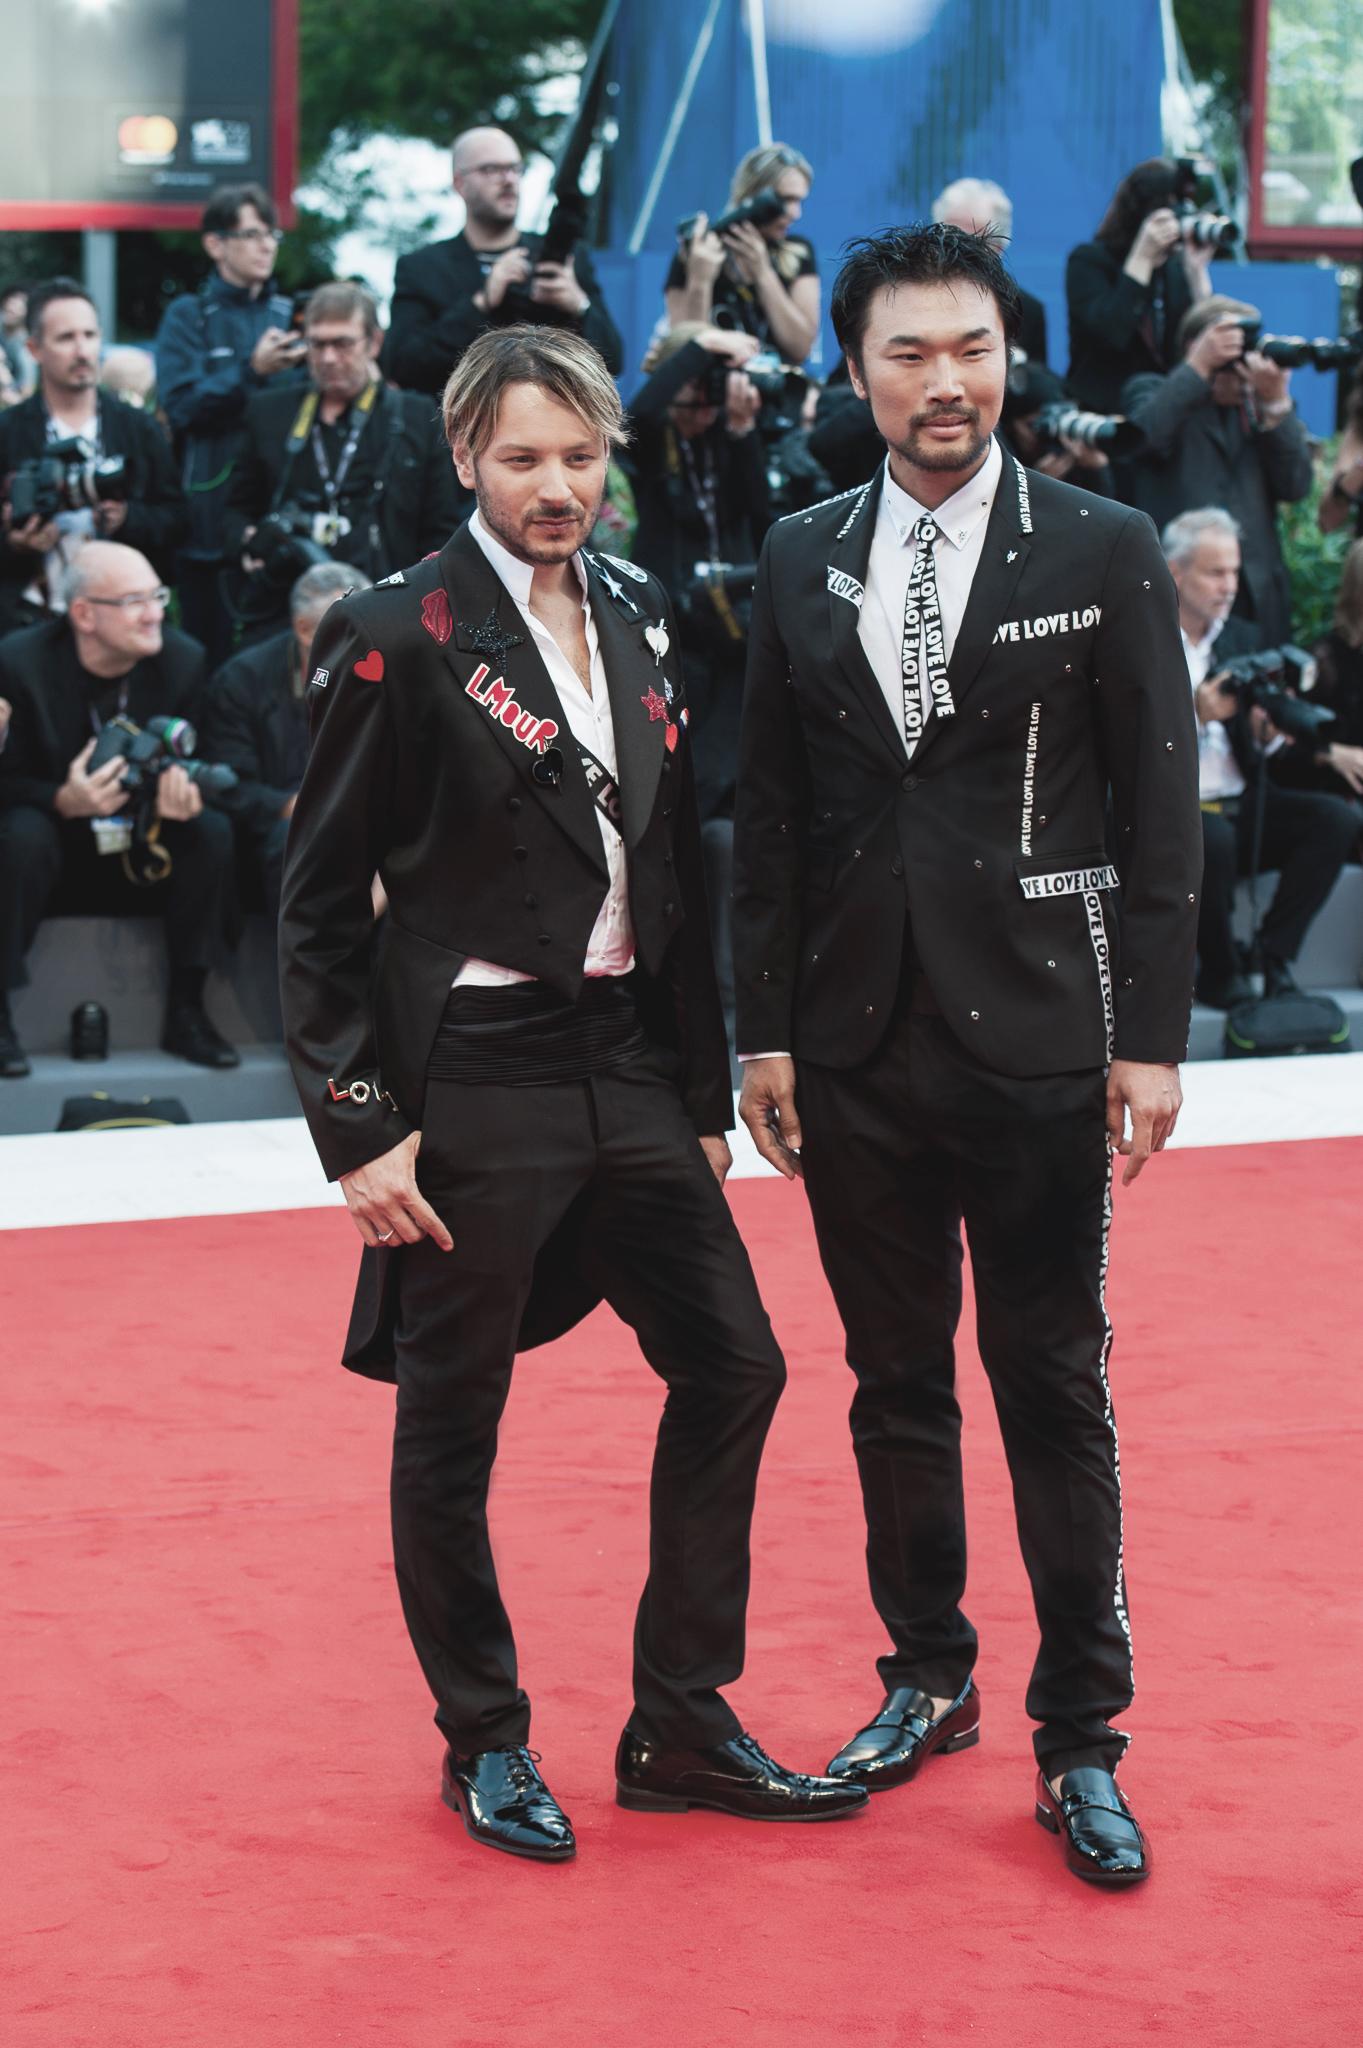 Angelo Cruciani e Shi Yang Shi sul Red Carpet di Suburbicon al Festival del Cinema di Venezia 74